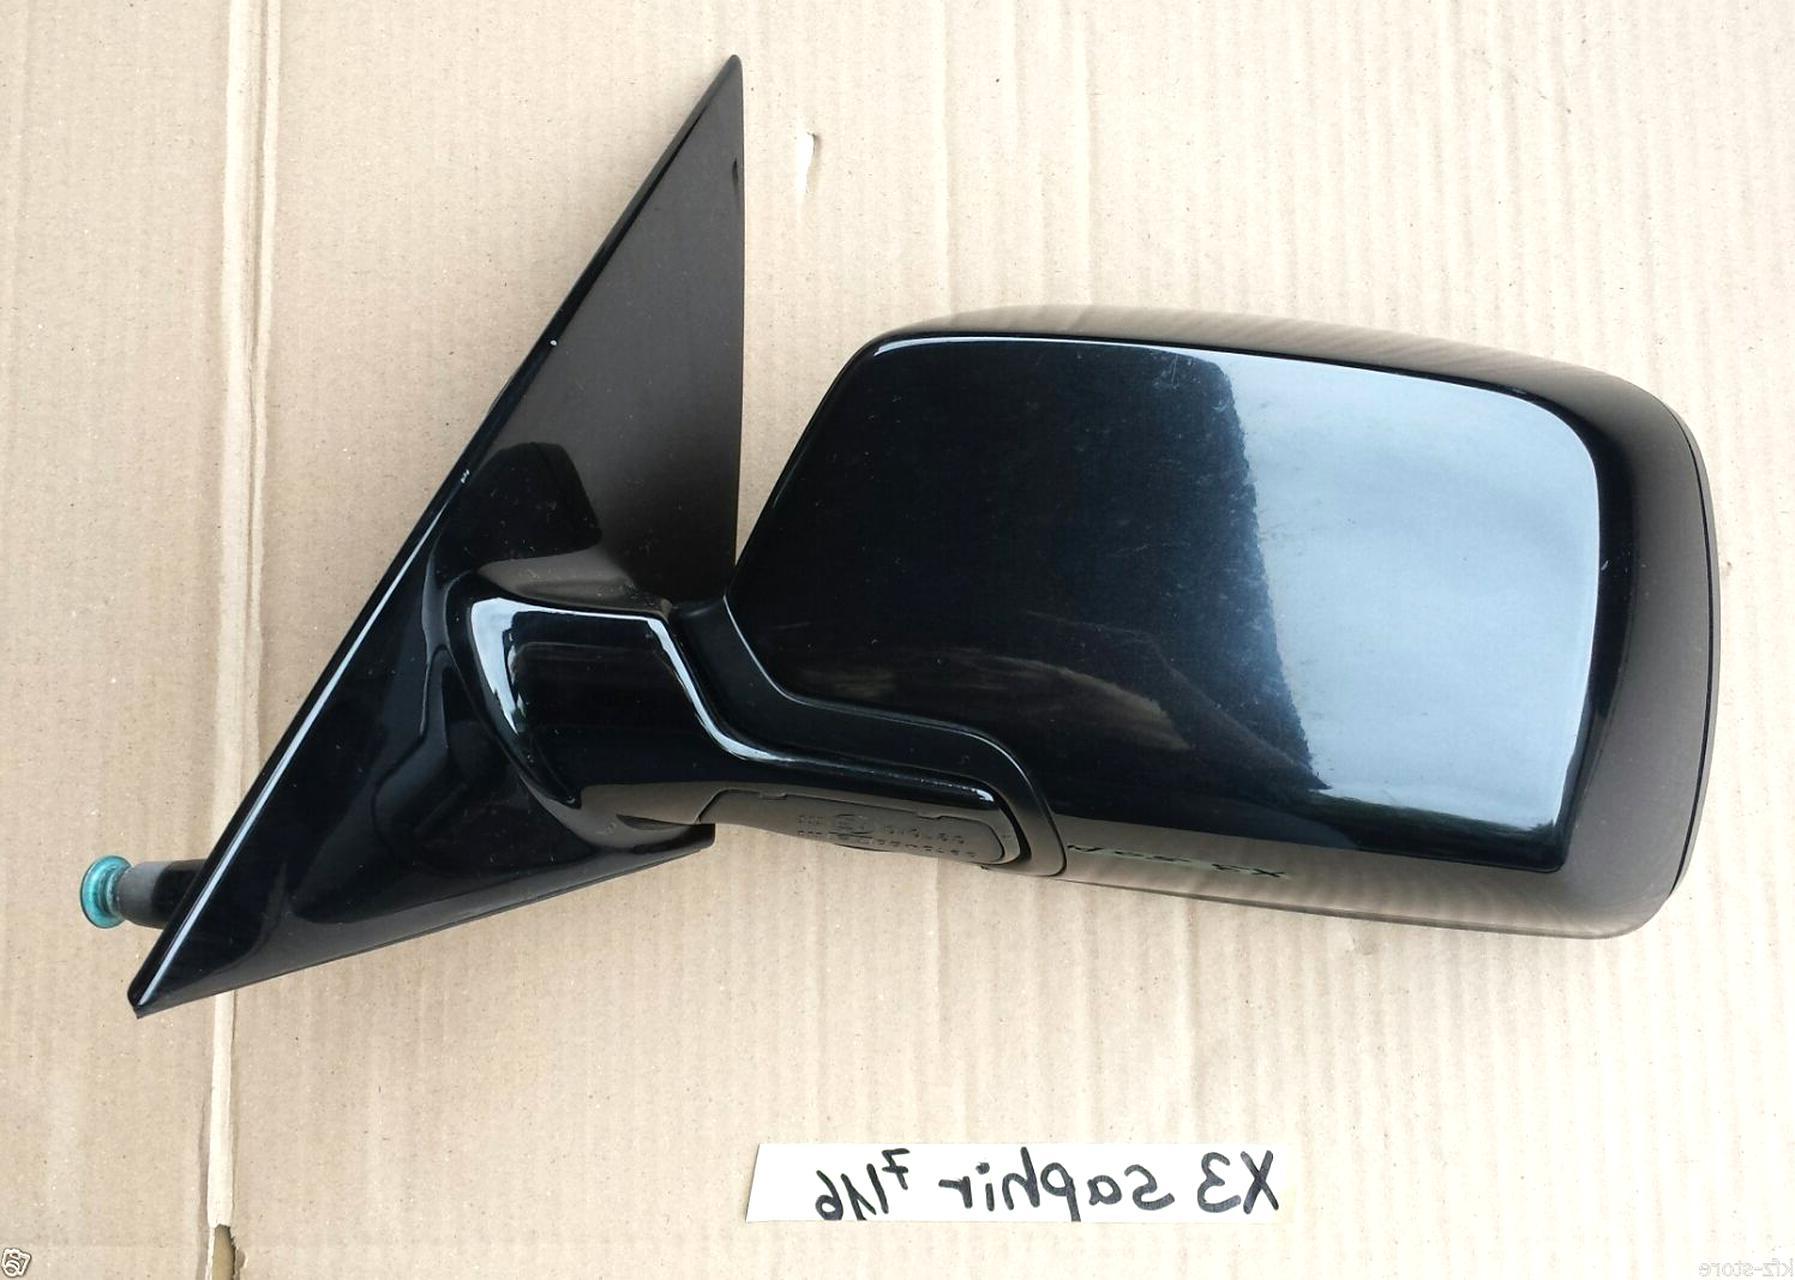 bmw x3 aussenspiegel gebraucht kaufen 3 st bis 65 g nstiger. Black Bedroom Furniture Sets. Home Design Ideas